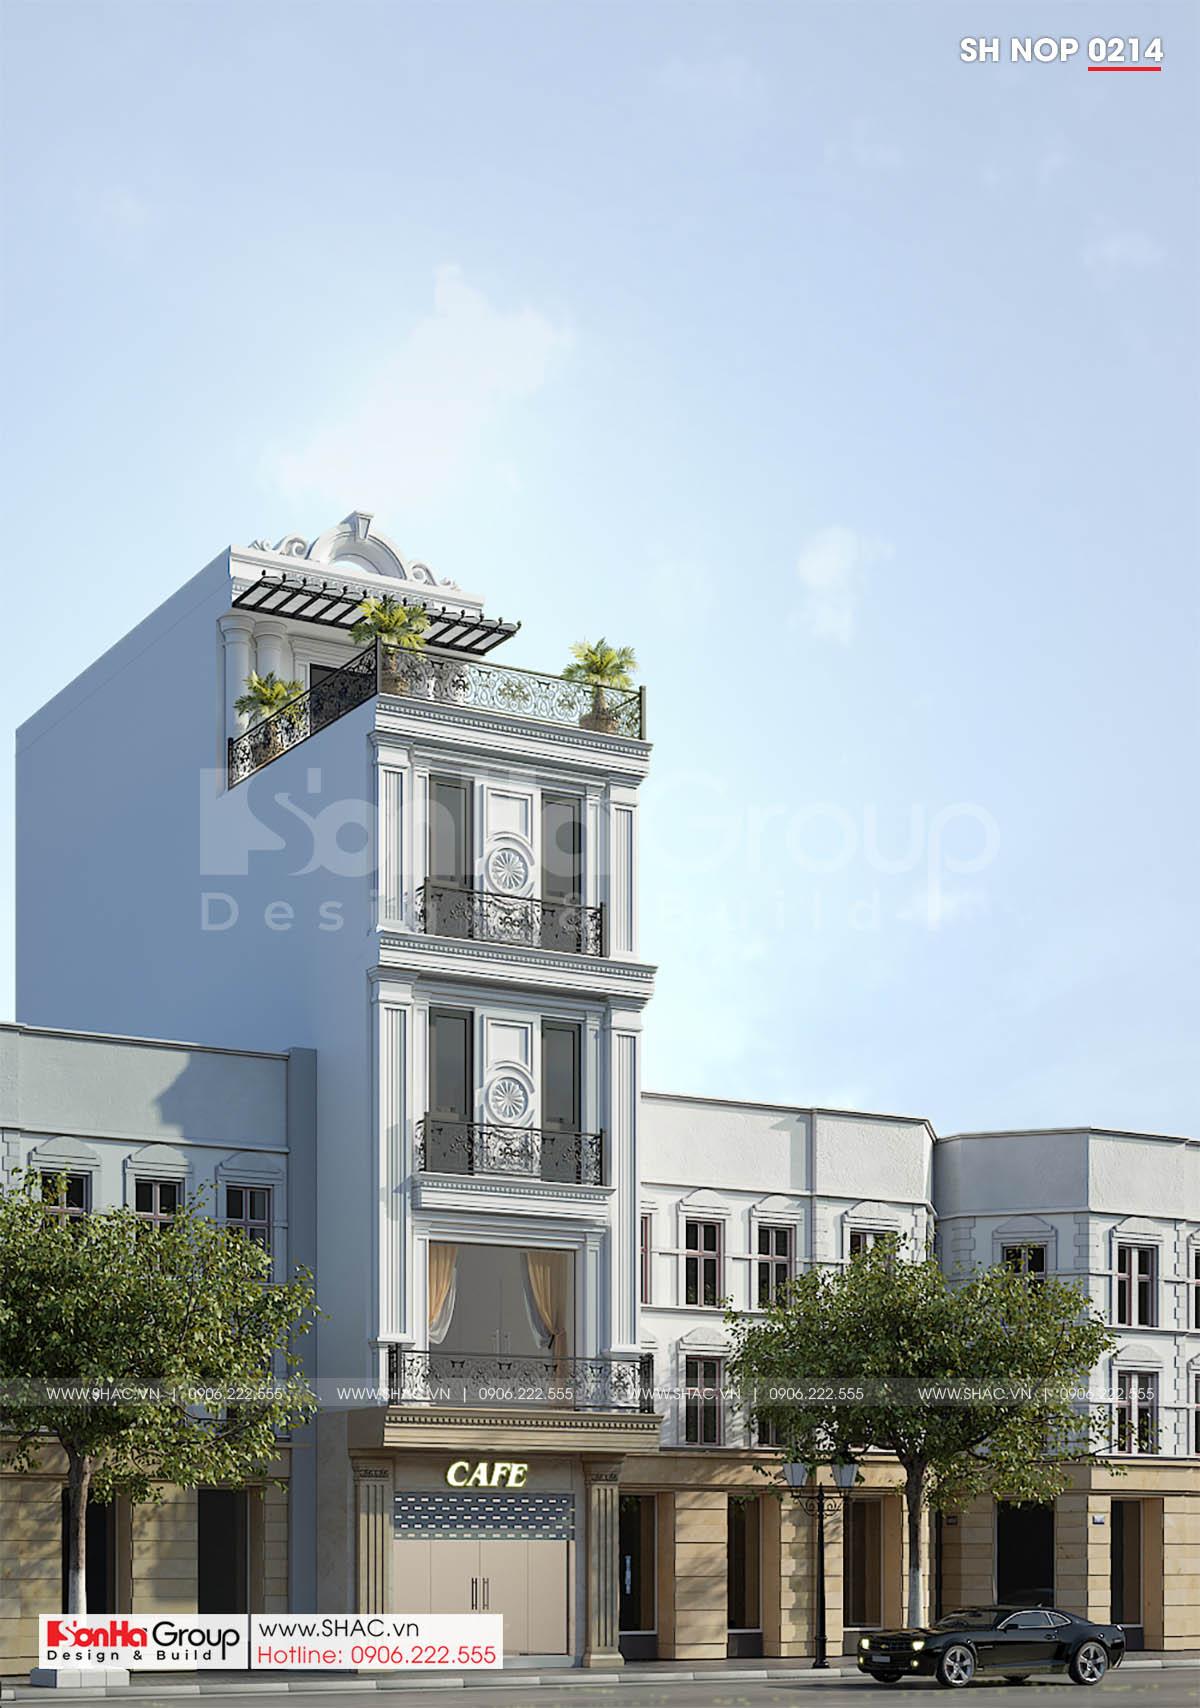 Mẫu nhà phố tân cổ điển 5 tầng sang trọng và thông minh mặt tiền 5m